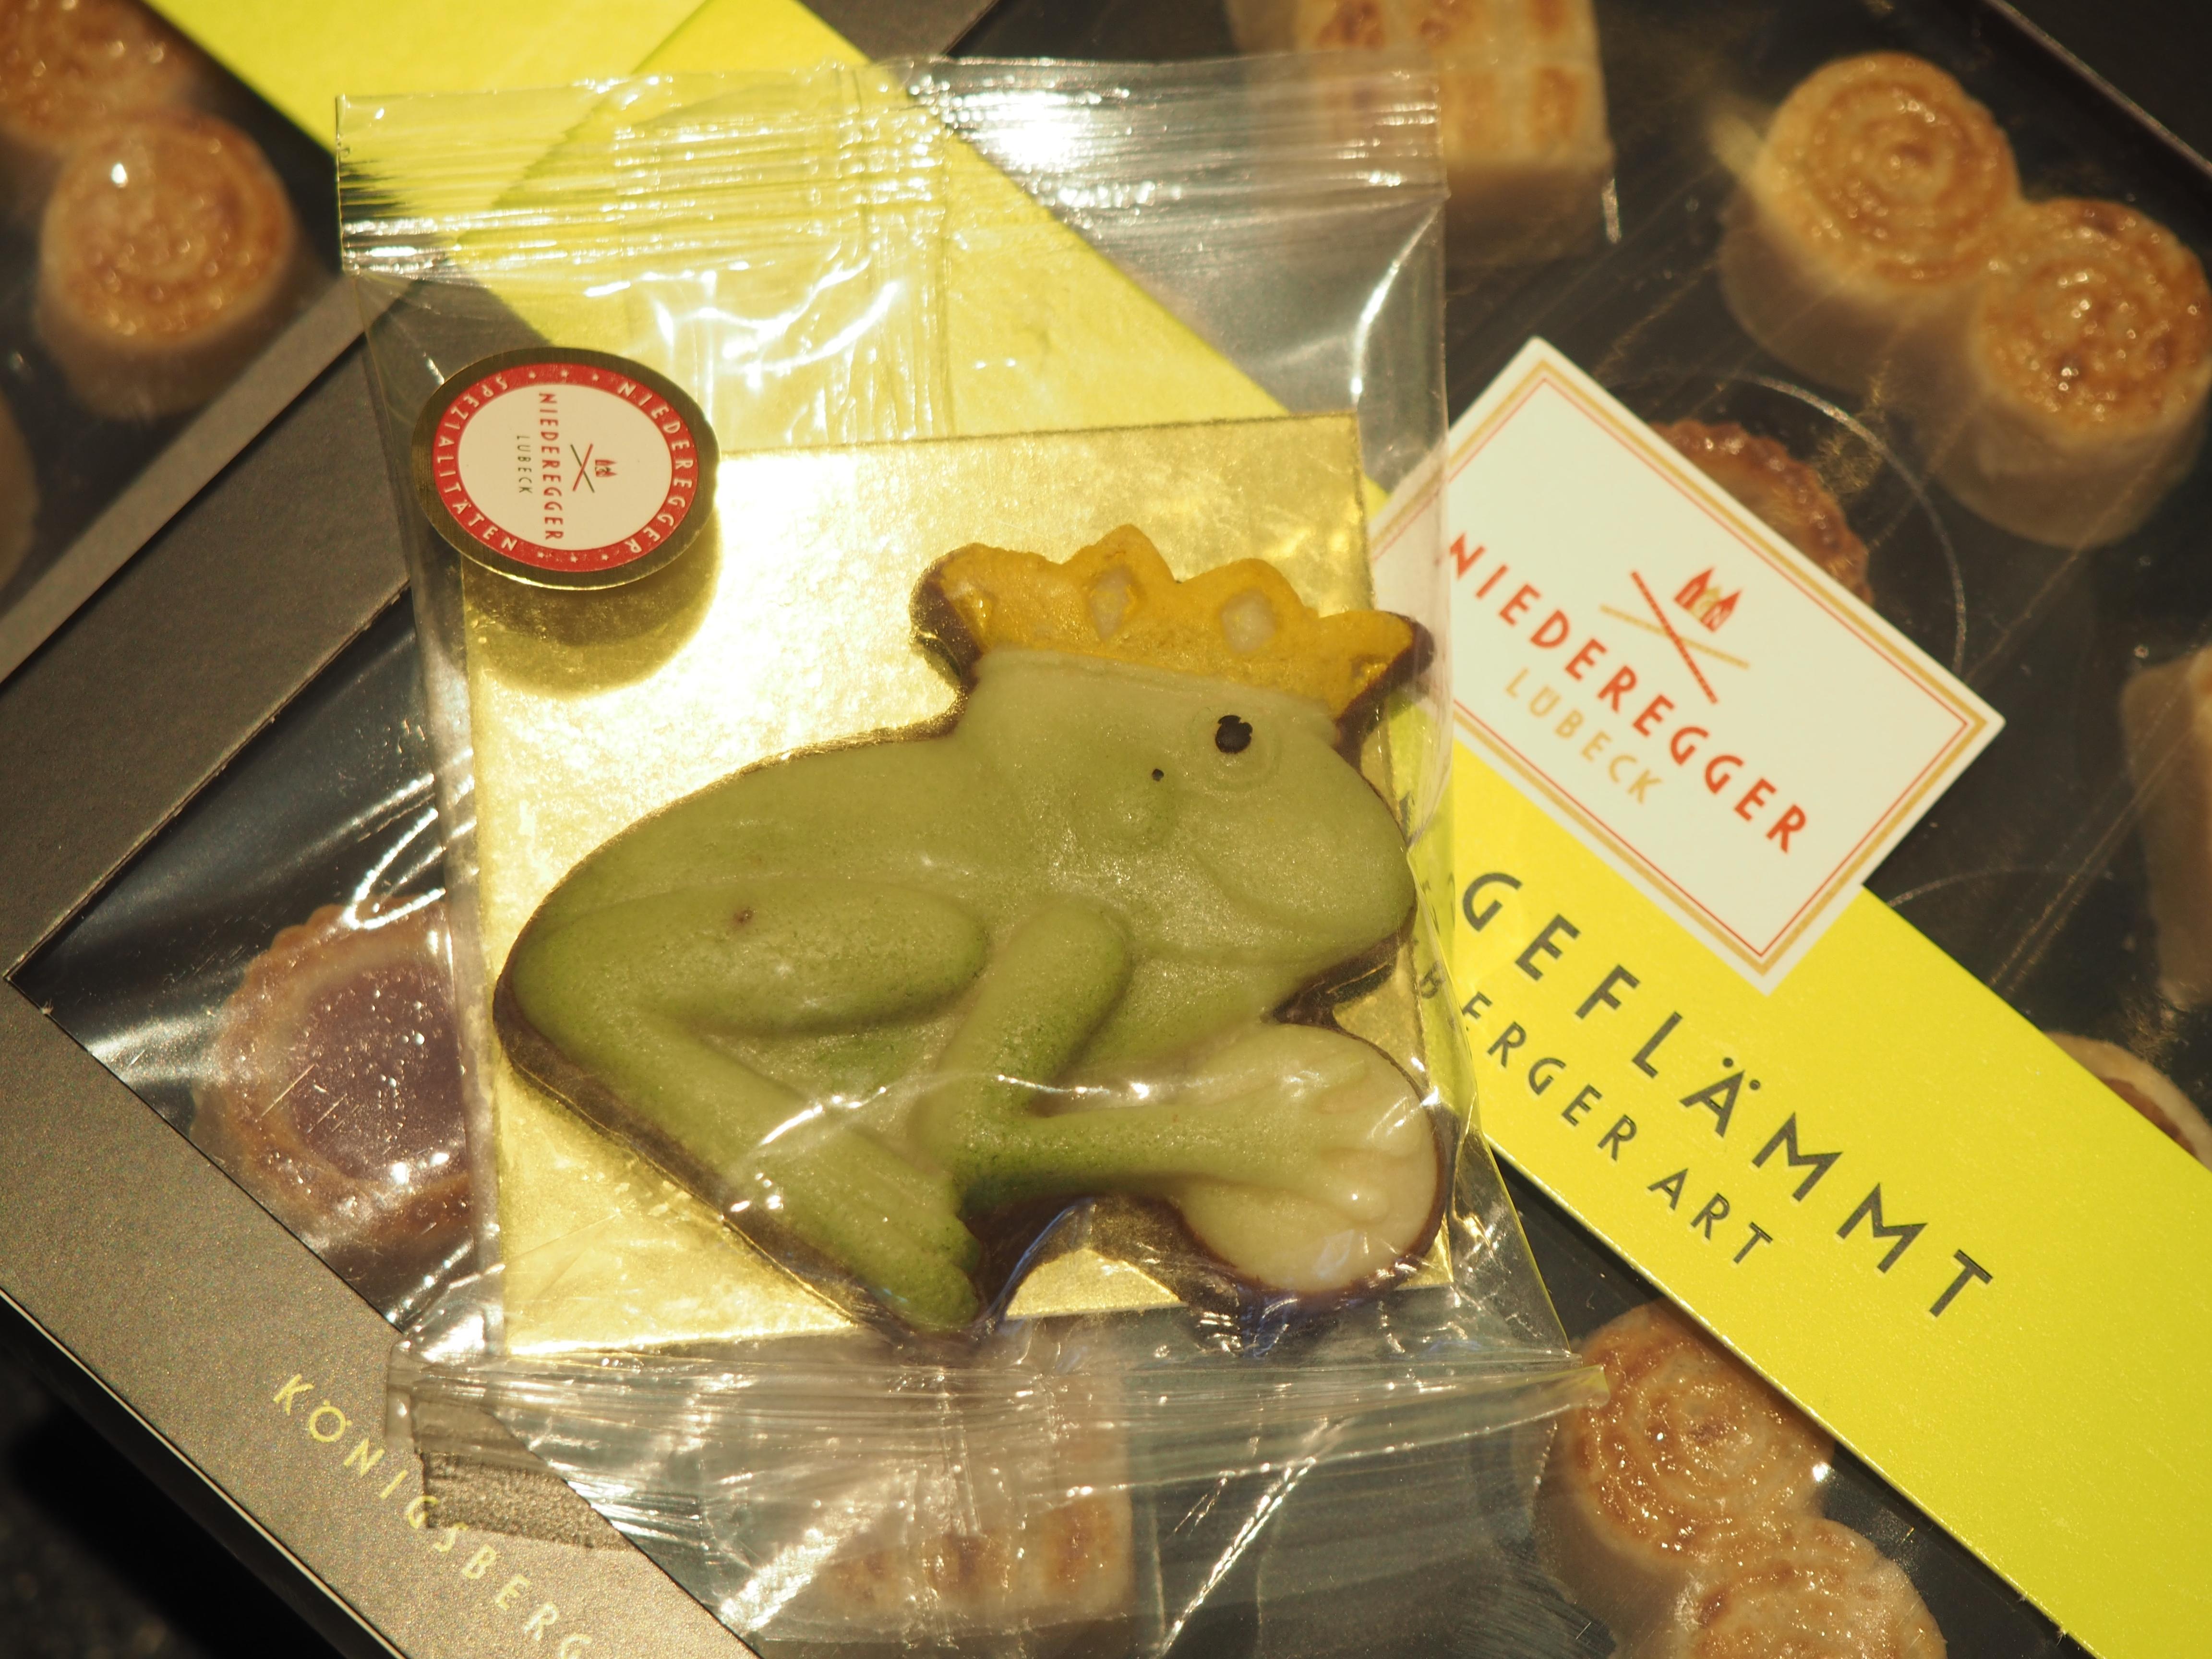 Natürlich hatte es auch einen Froschkönig aus Marzipan gegeben, es hat noch mehr gegeben.